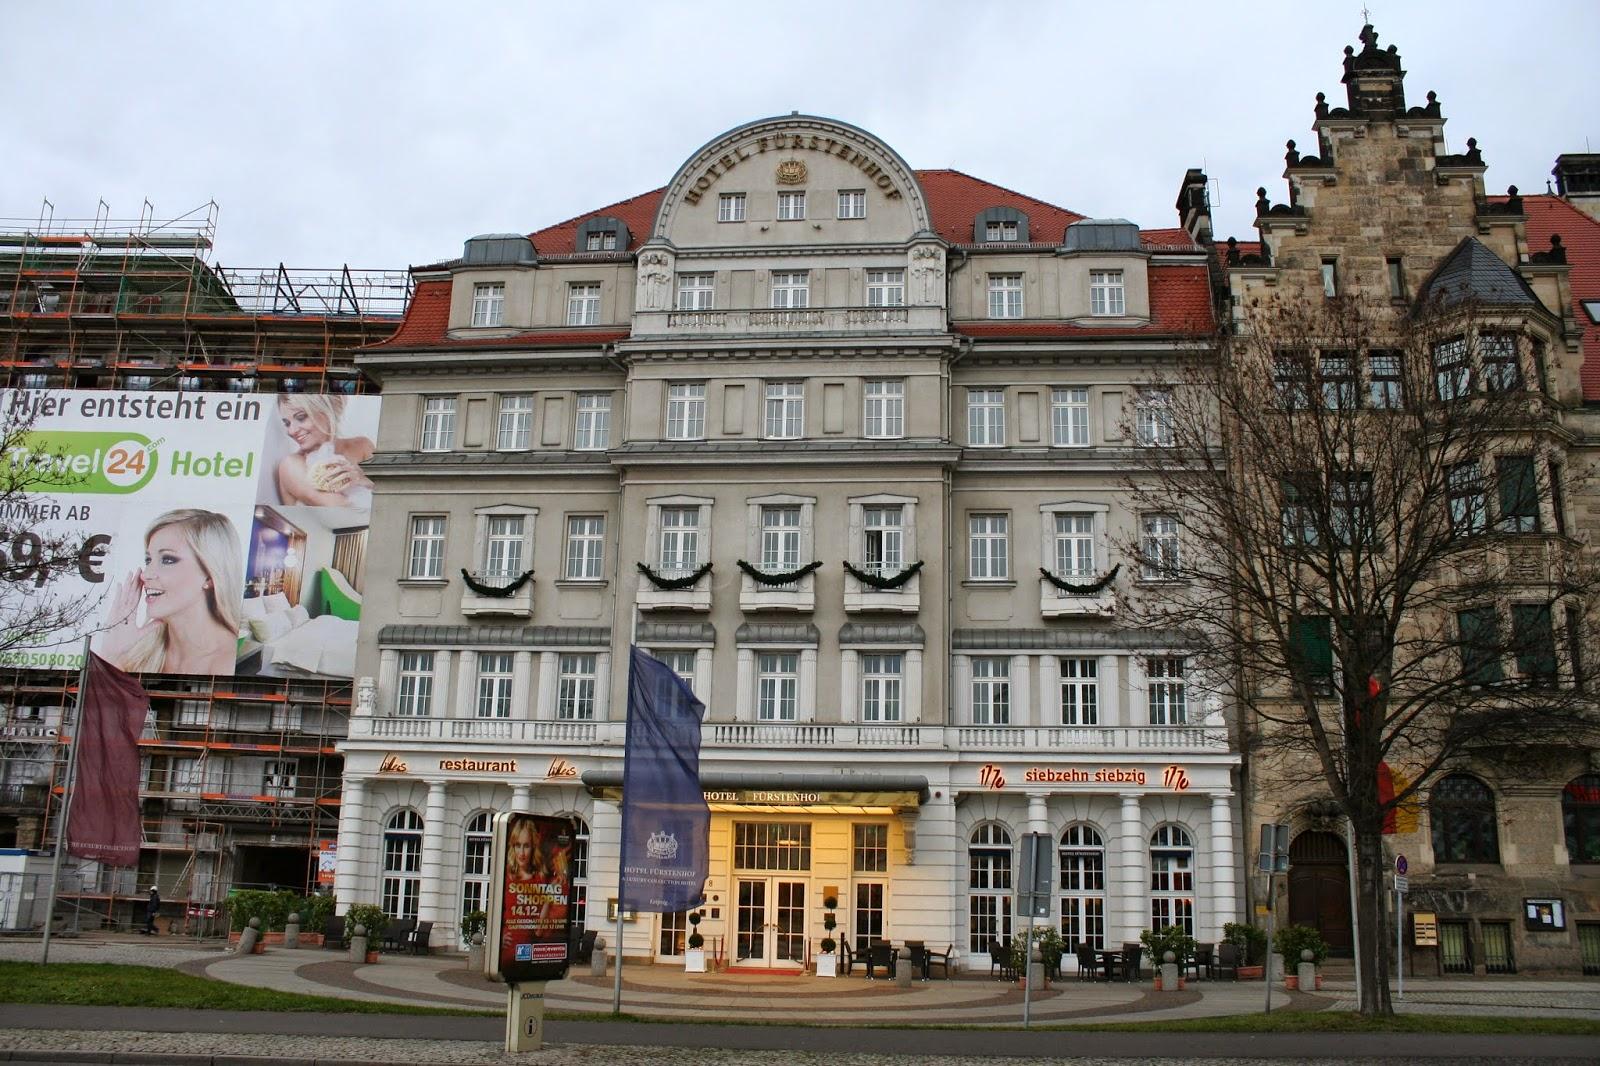 """Das """"Hotel Fürstenhof Leipzig"""" am Tröndlinring ist das älteste Luxushotel der Stadt - es bietet seinen Gästen 92 Zimmer und vier Juniorsuiten - das """"Fürstenhof"""" schaut 2014 auf ein 125 jähriges bestehen zurück"""